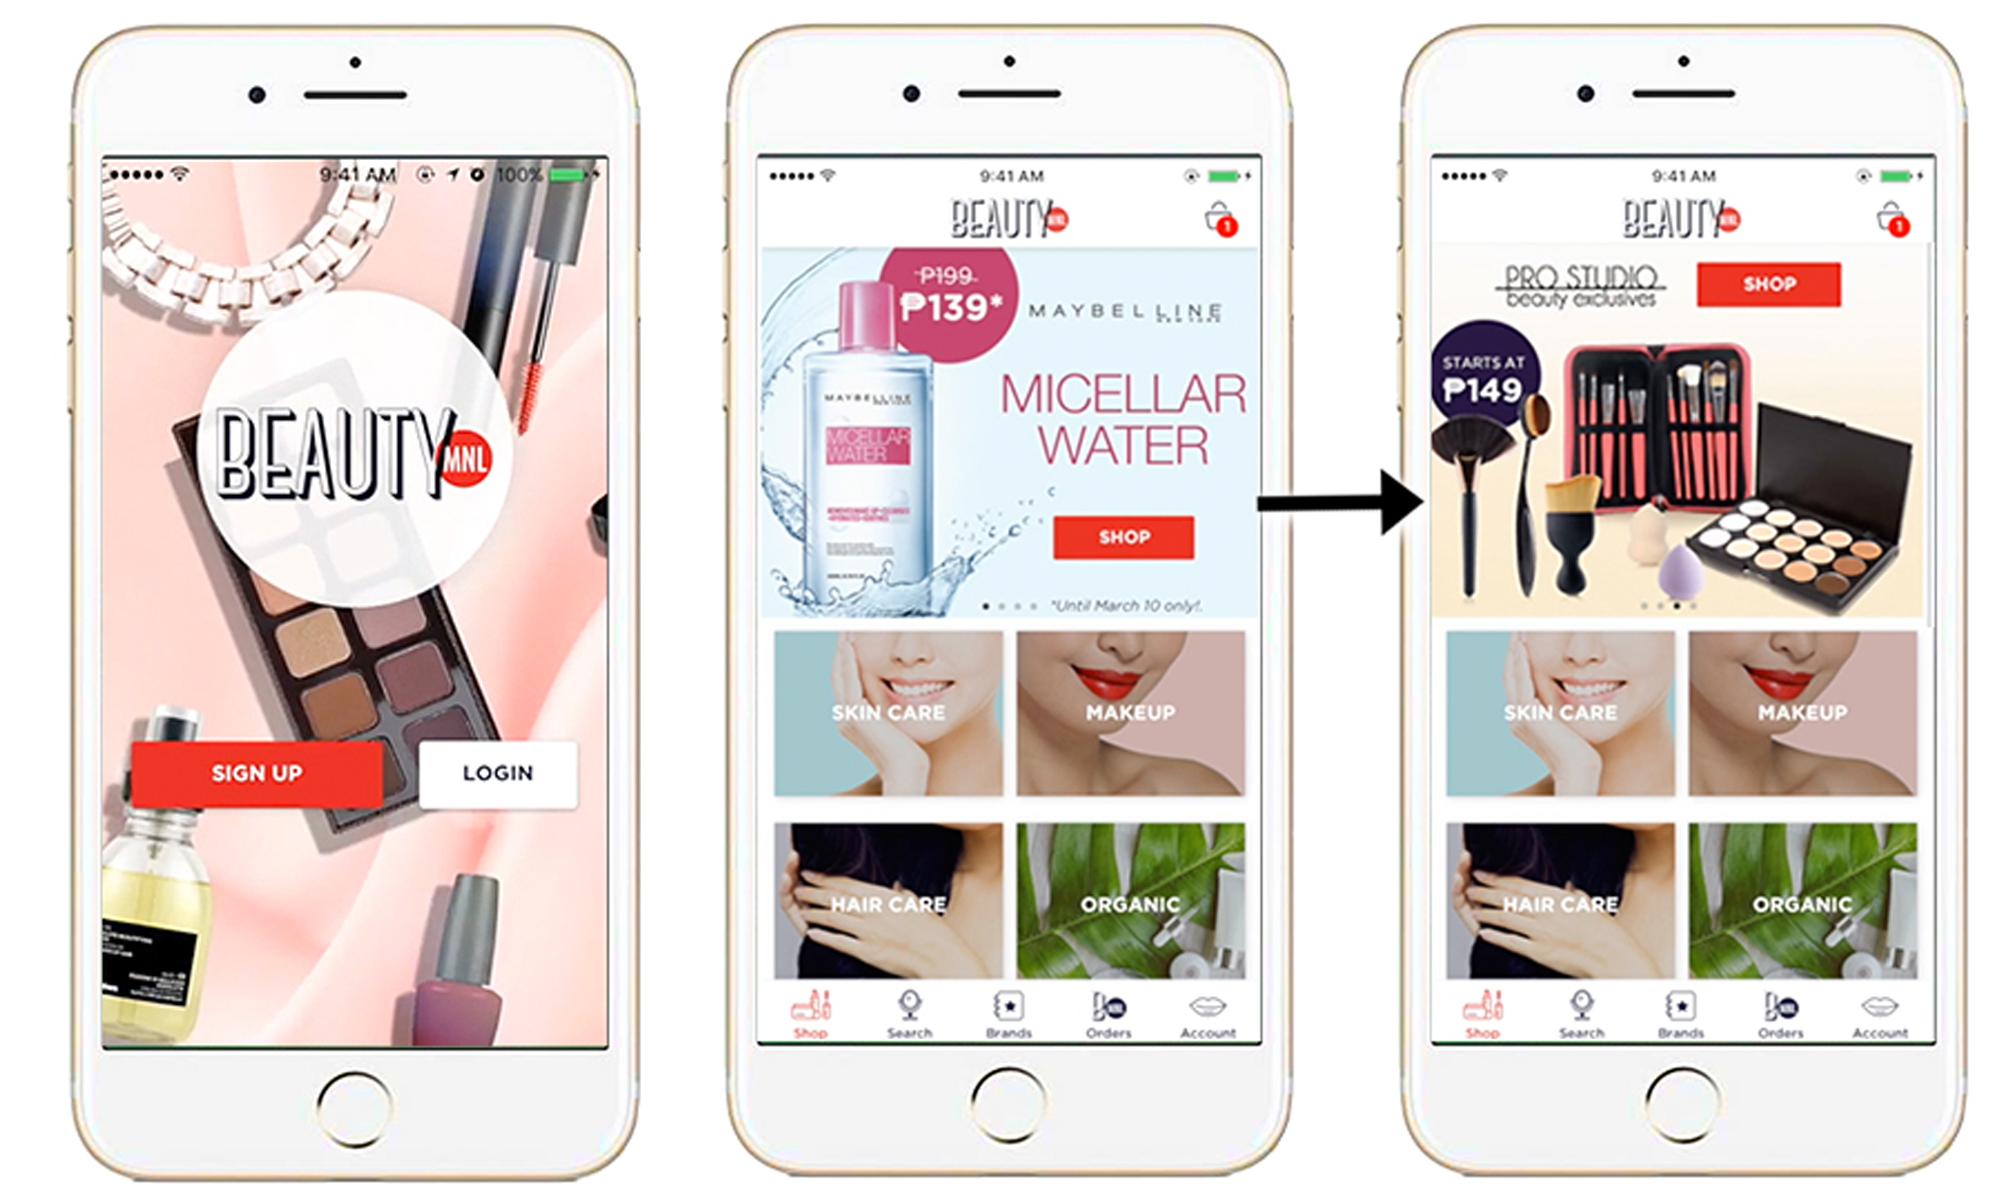 Images via BeautyMNL